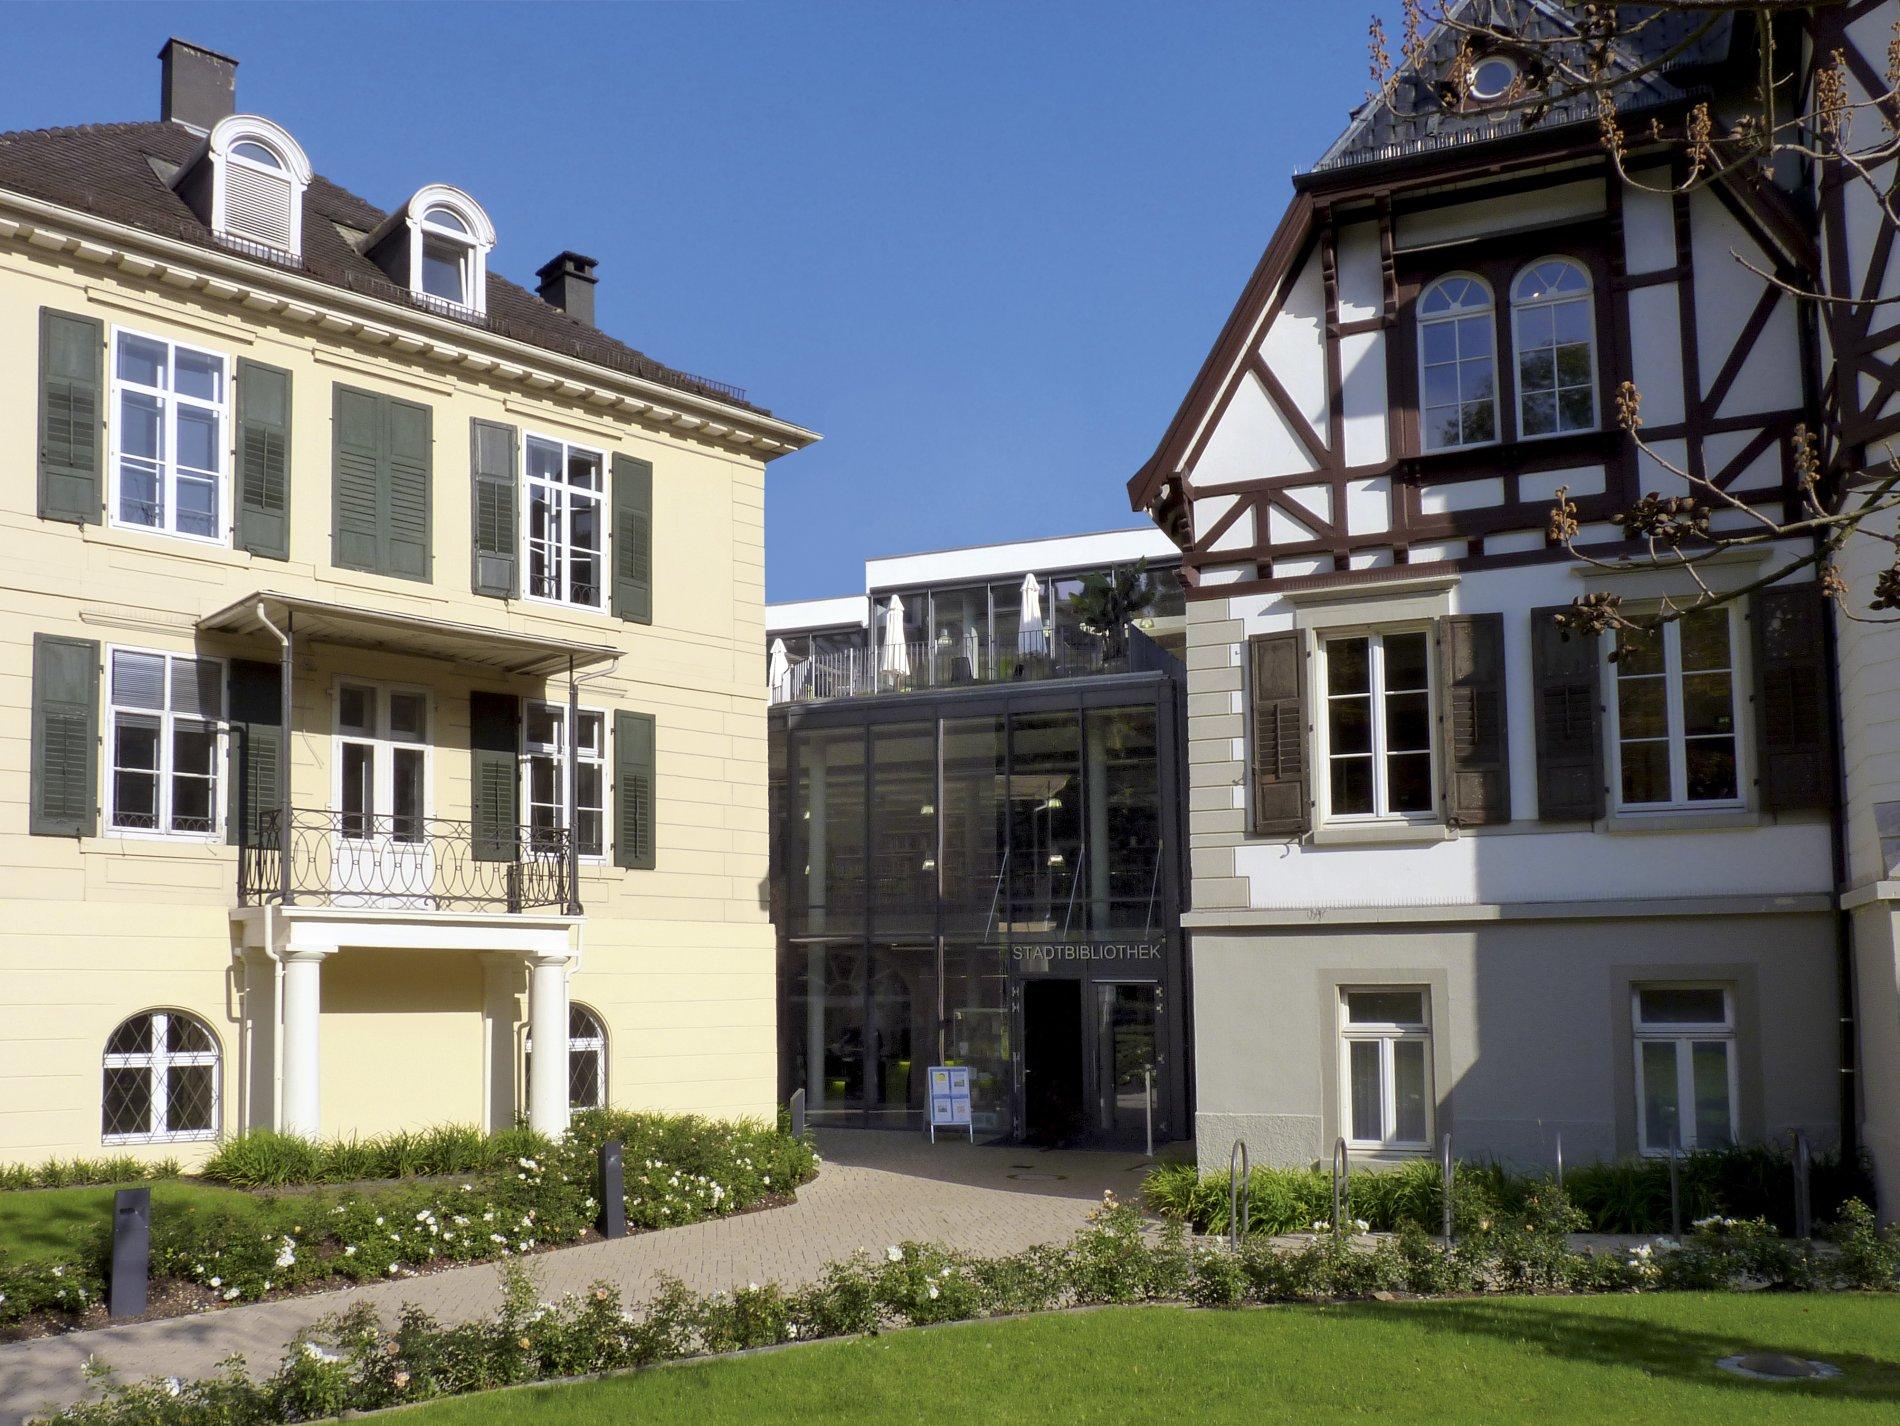 Stadtbibliothek Baden-Baden